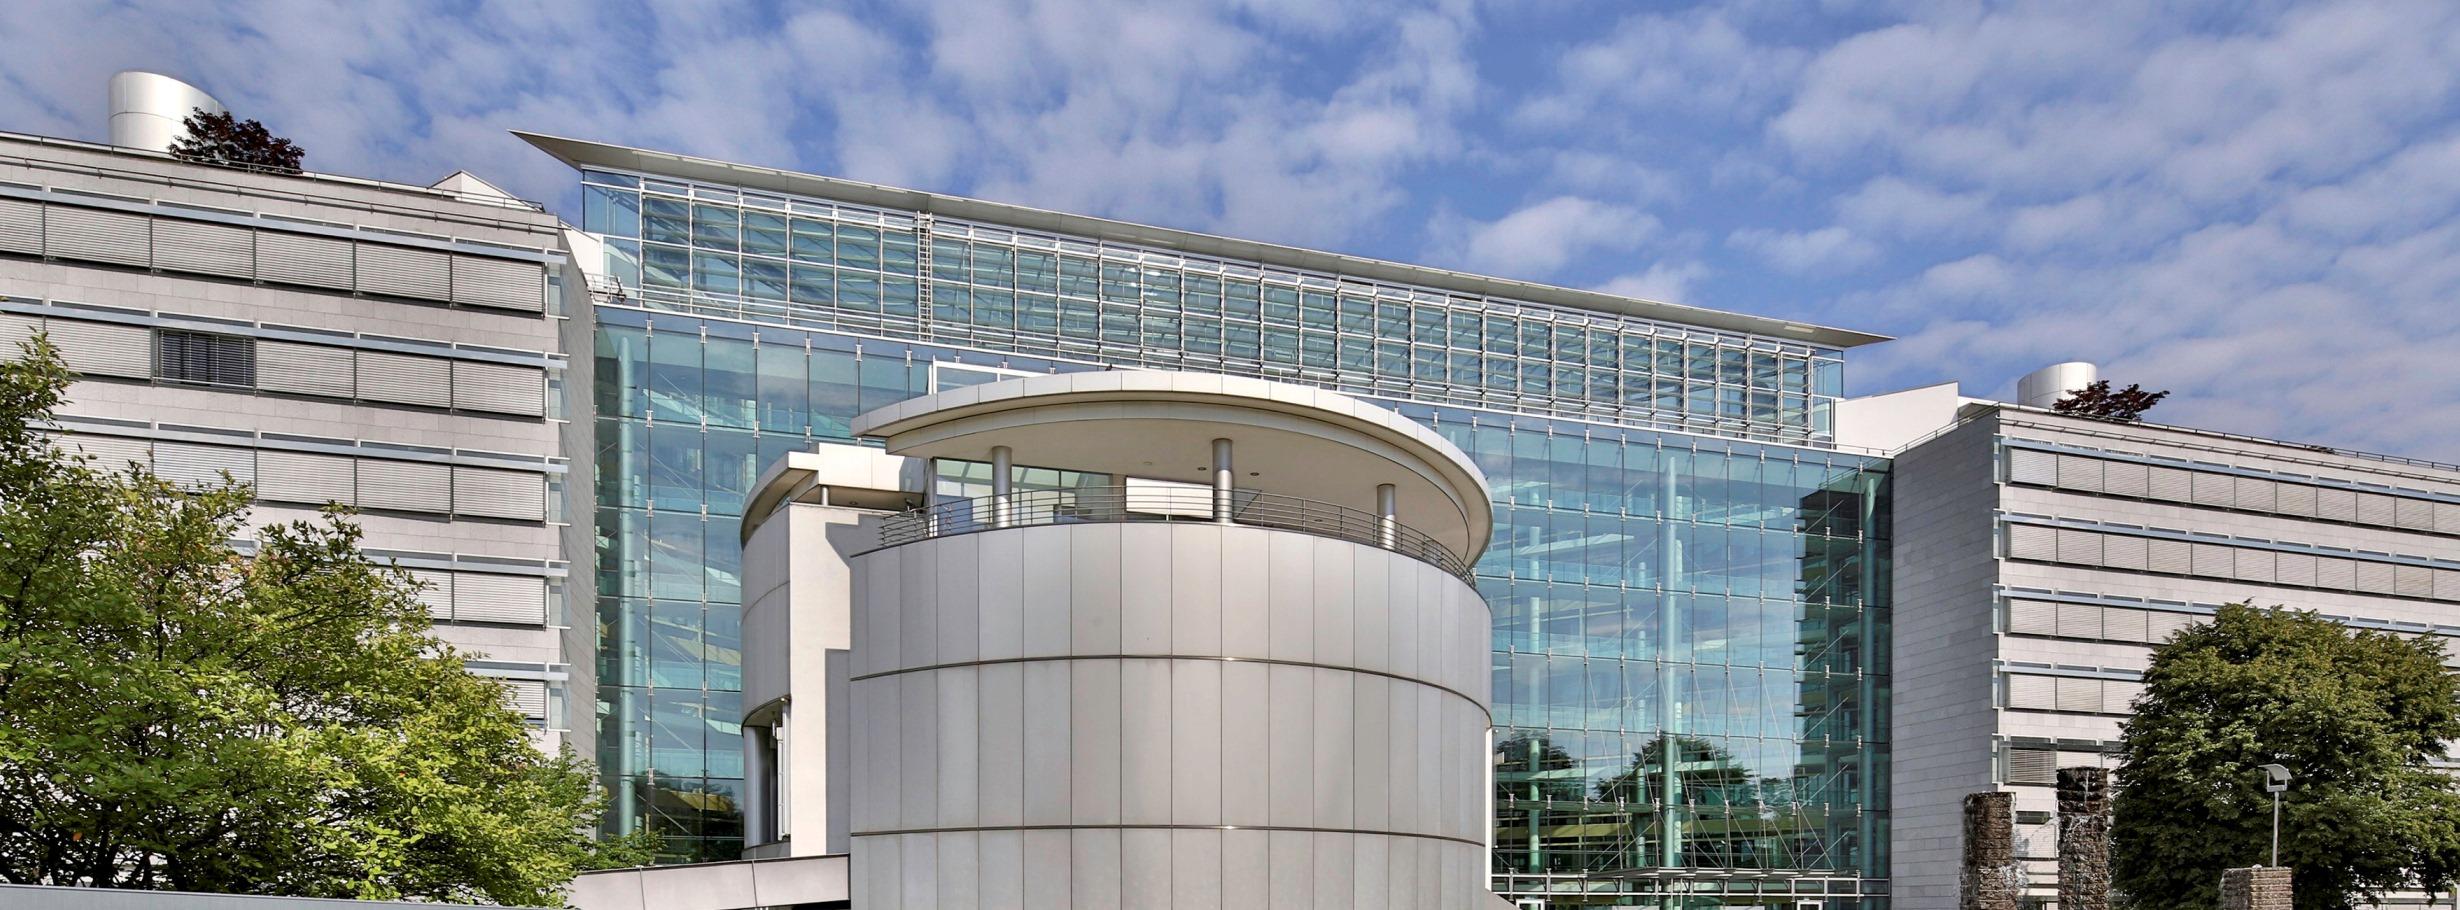 BIC_Boehringer Ingelheim Center